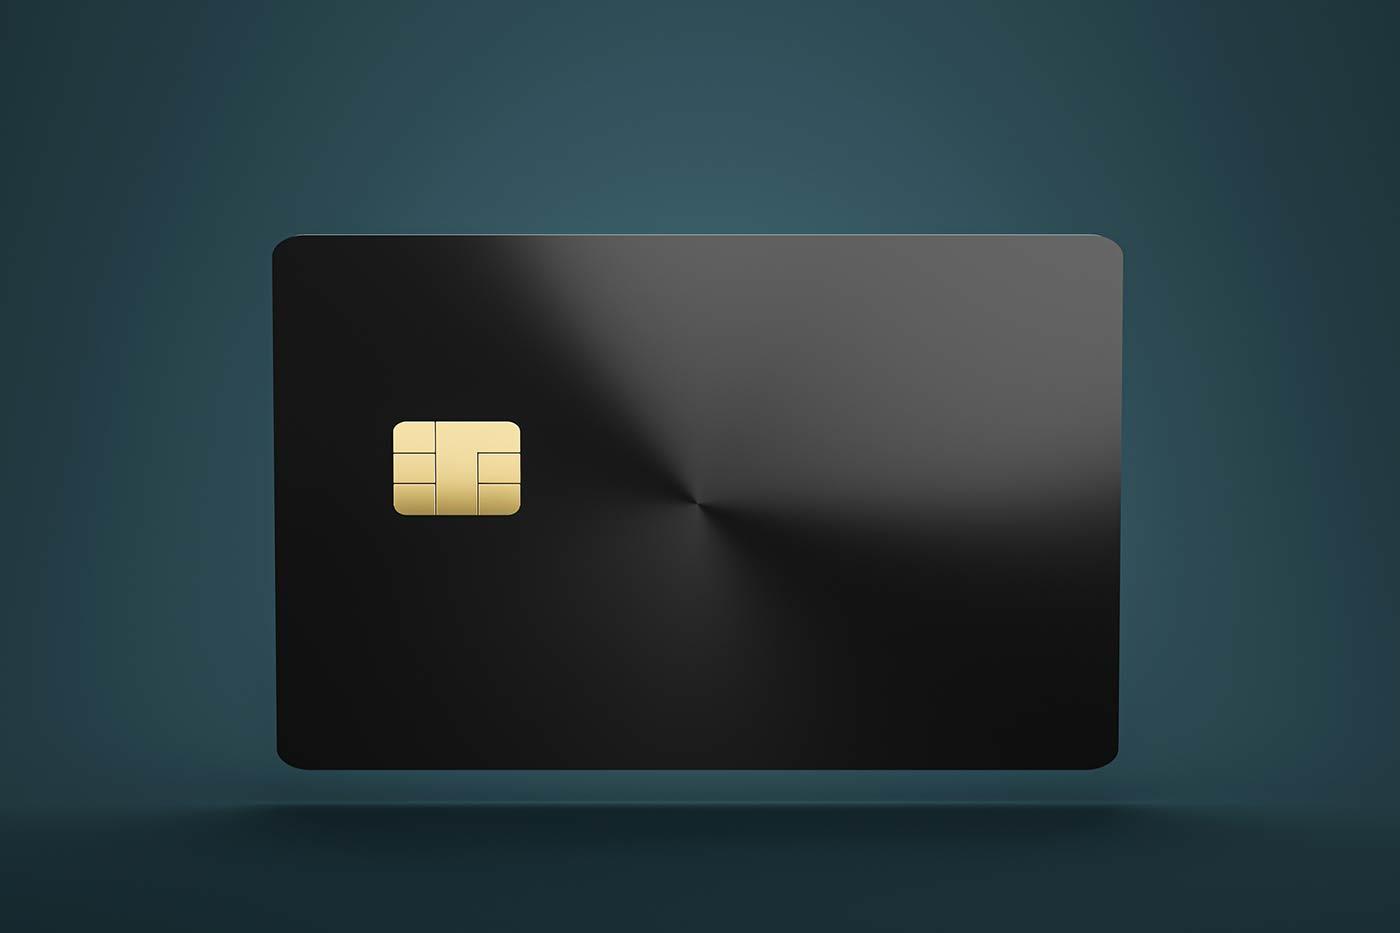 Photo of black smartchip credit card.